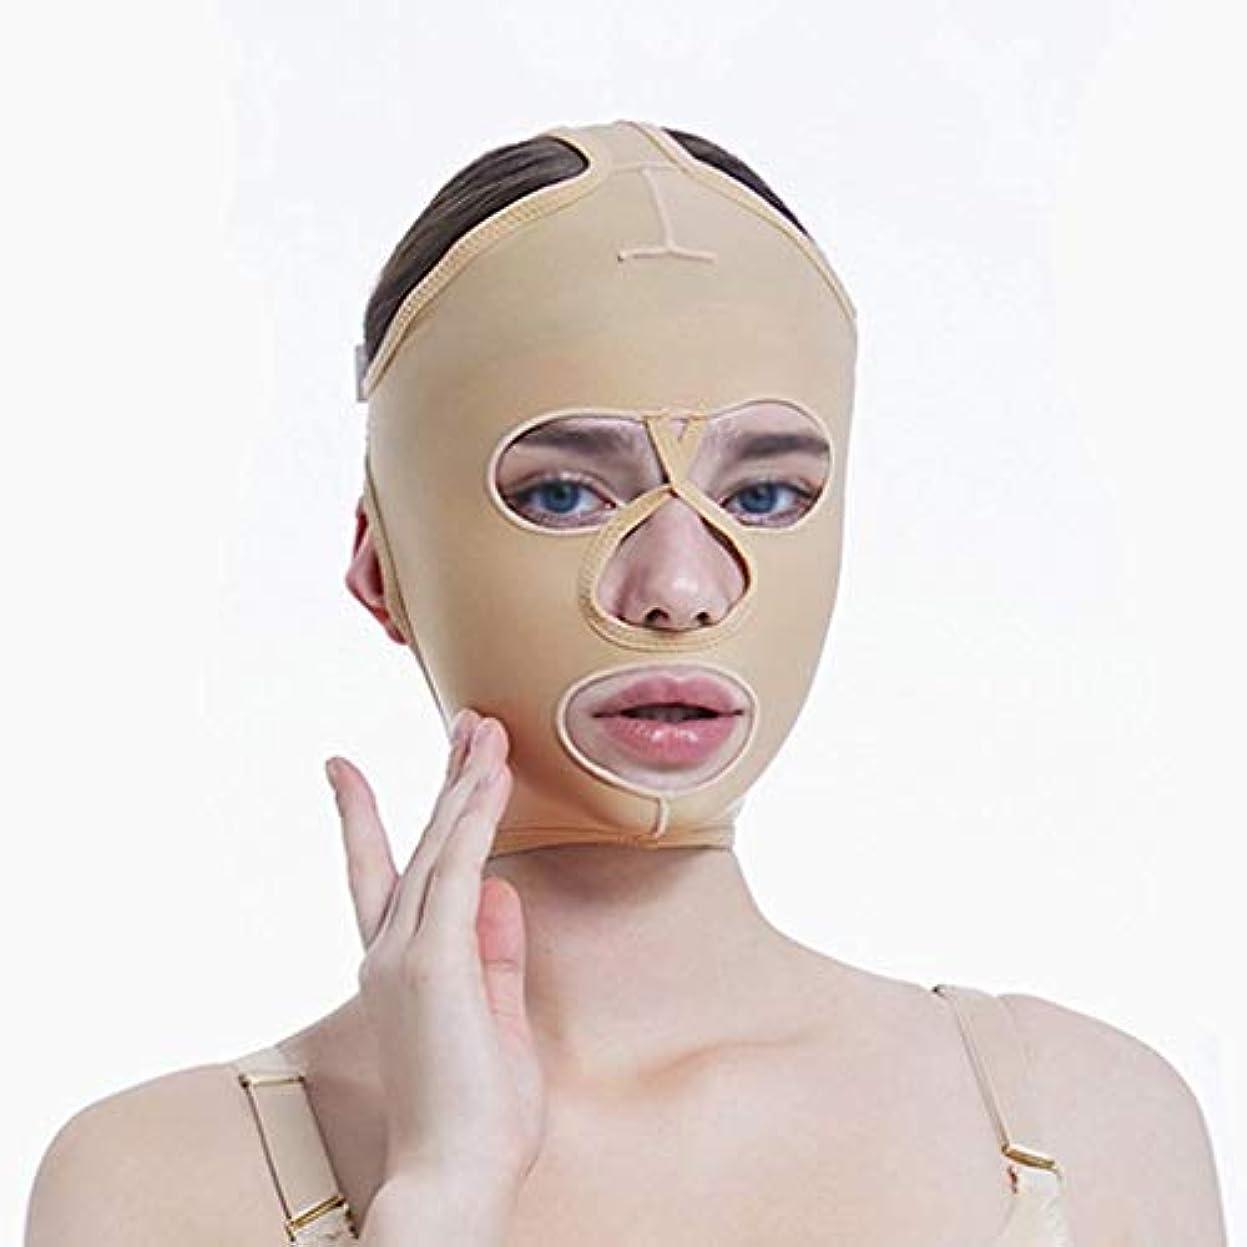 雄弁責める縮れたチンリフティングベルト、超薄型ベルト、引き締めマスク、包帯吊り、フェイスリフティングマスク、超薄型ベルト、通気性(サイズ:L),M